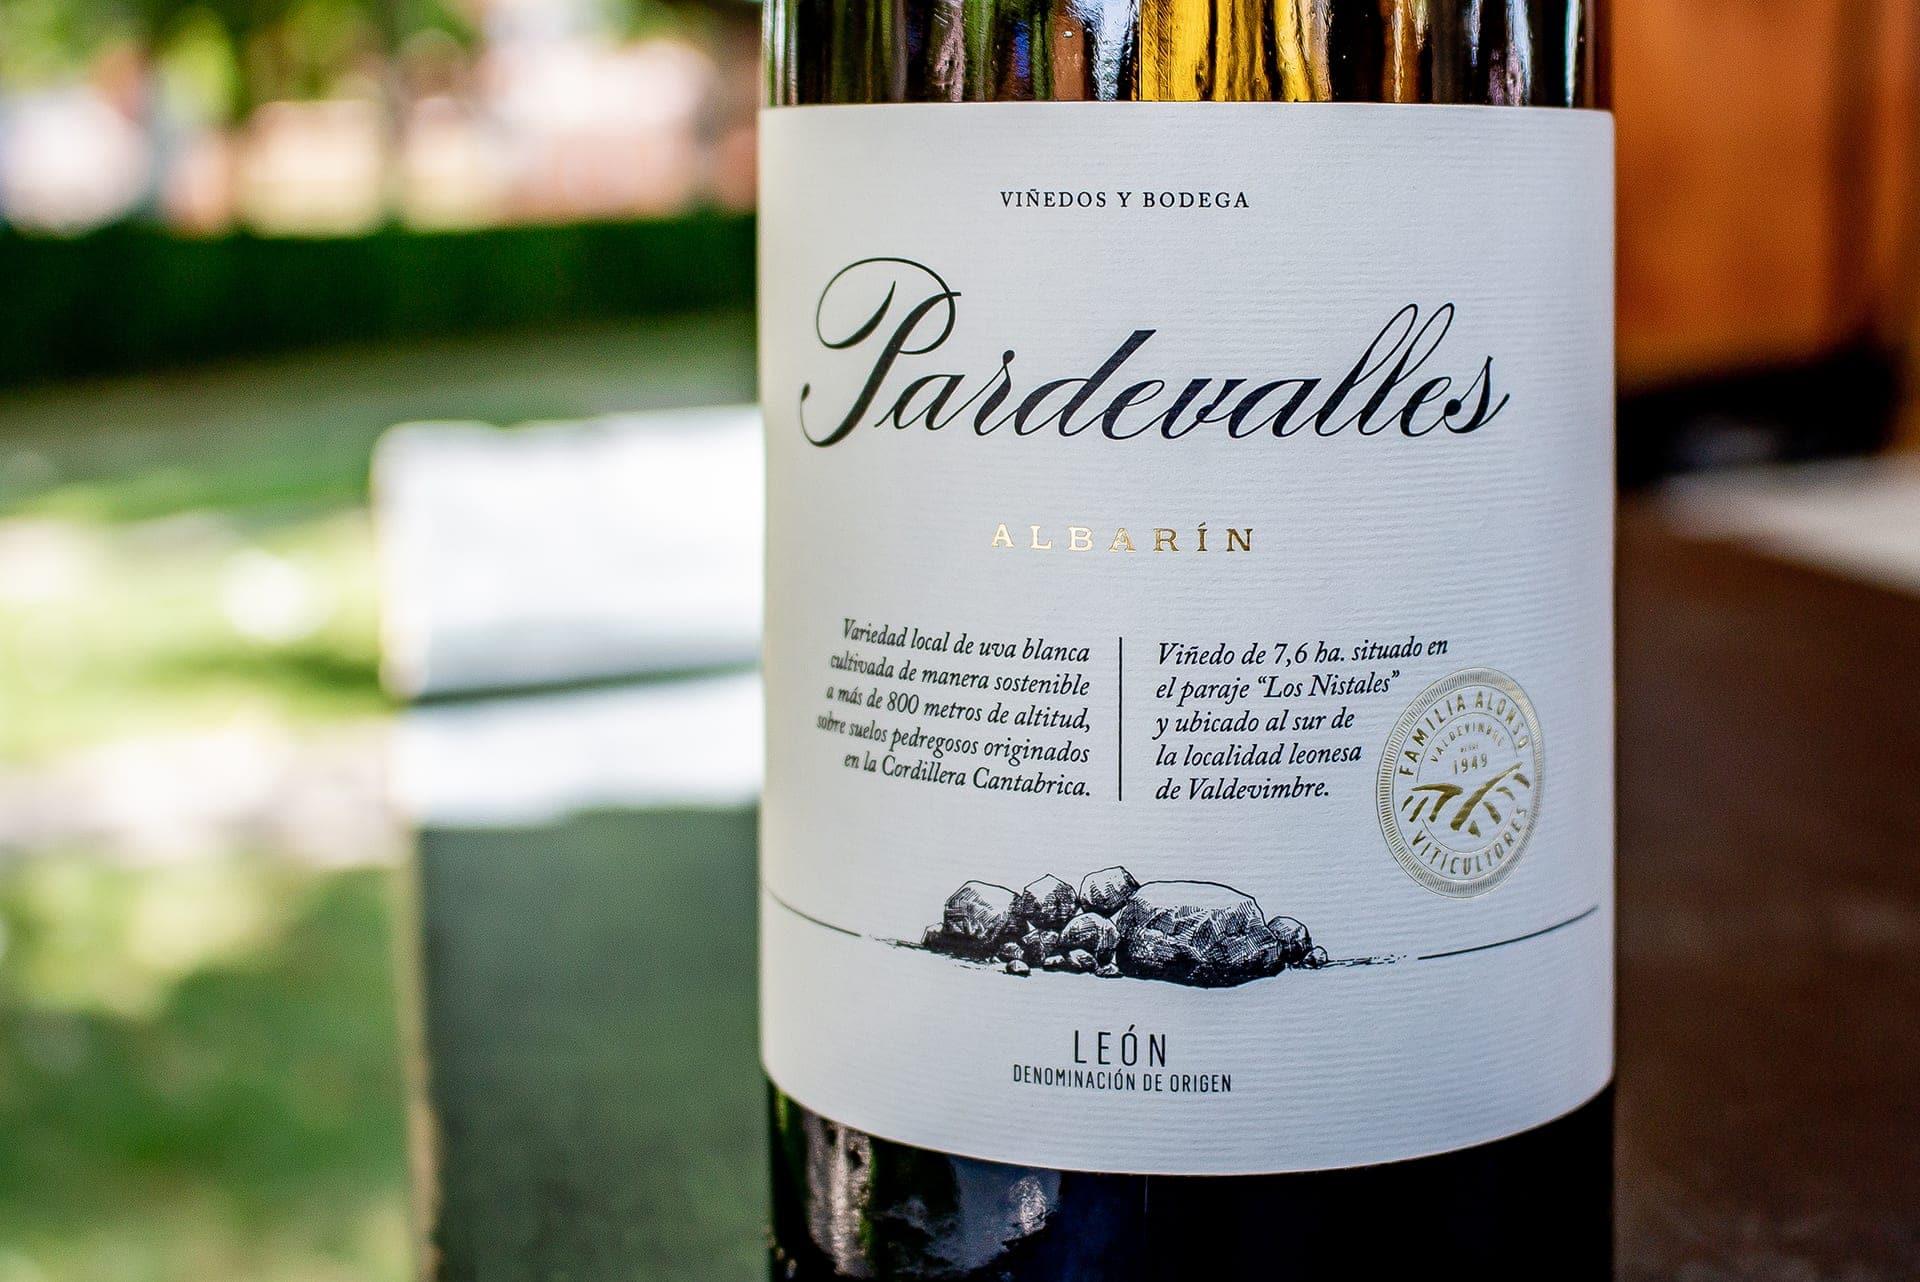 Nueva elegante etiqueta de Pardevalles Albarín